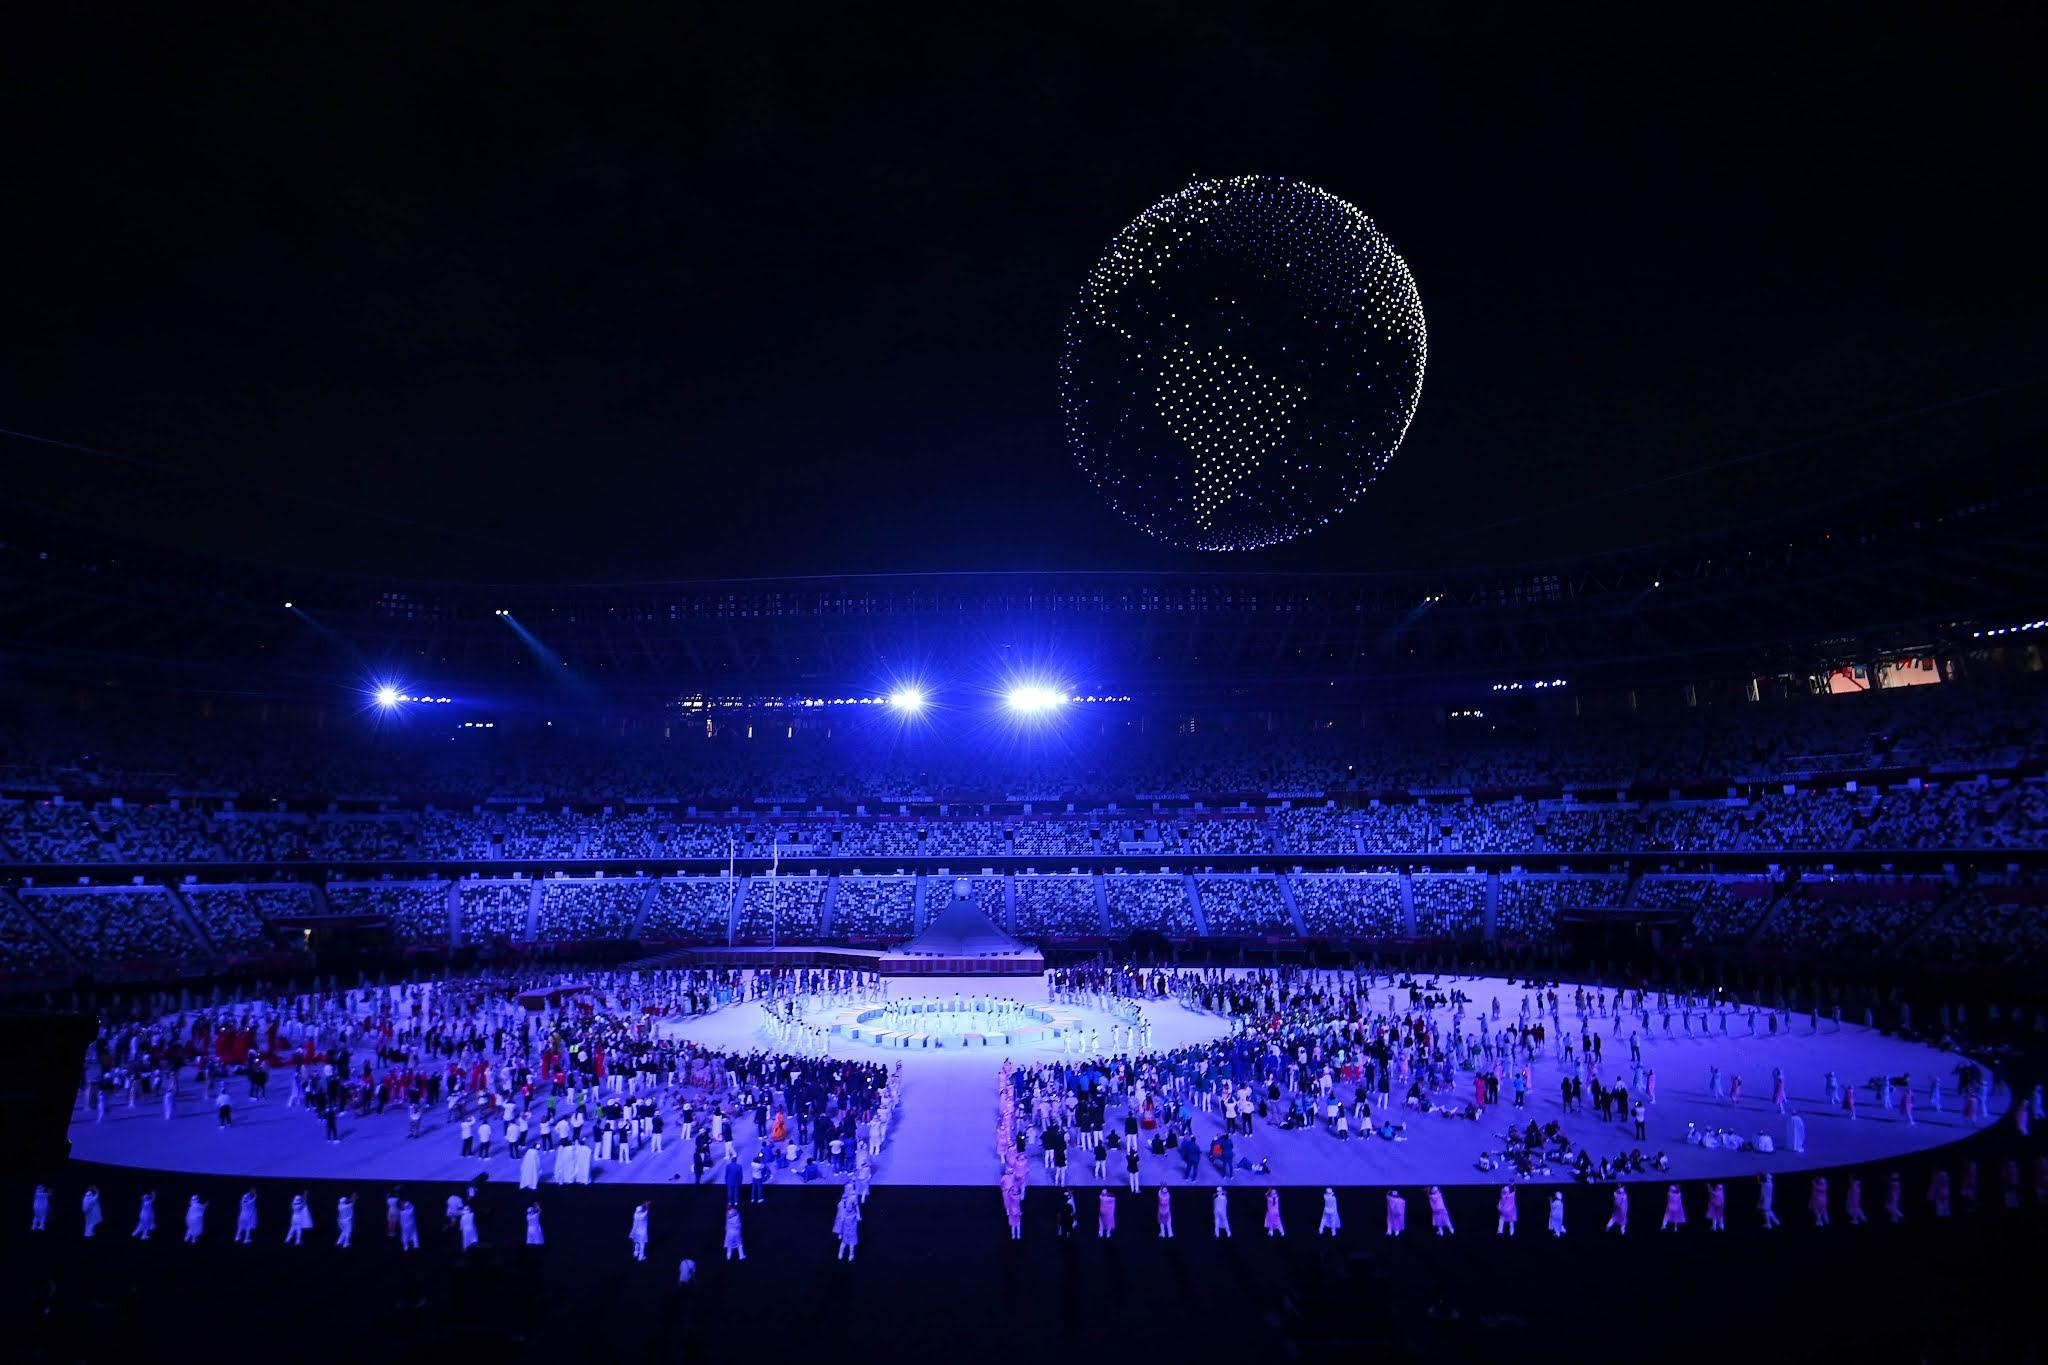 VIDEO: Mas de 1800 drones brindaron un espectáculo único en la ceremonia de apertura de los Juegos Olímpicos Tokyo 2020